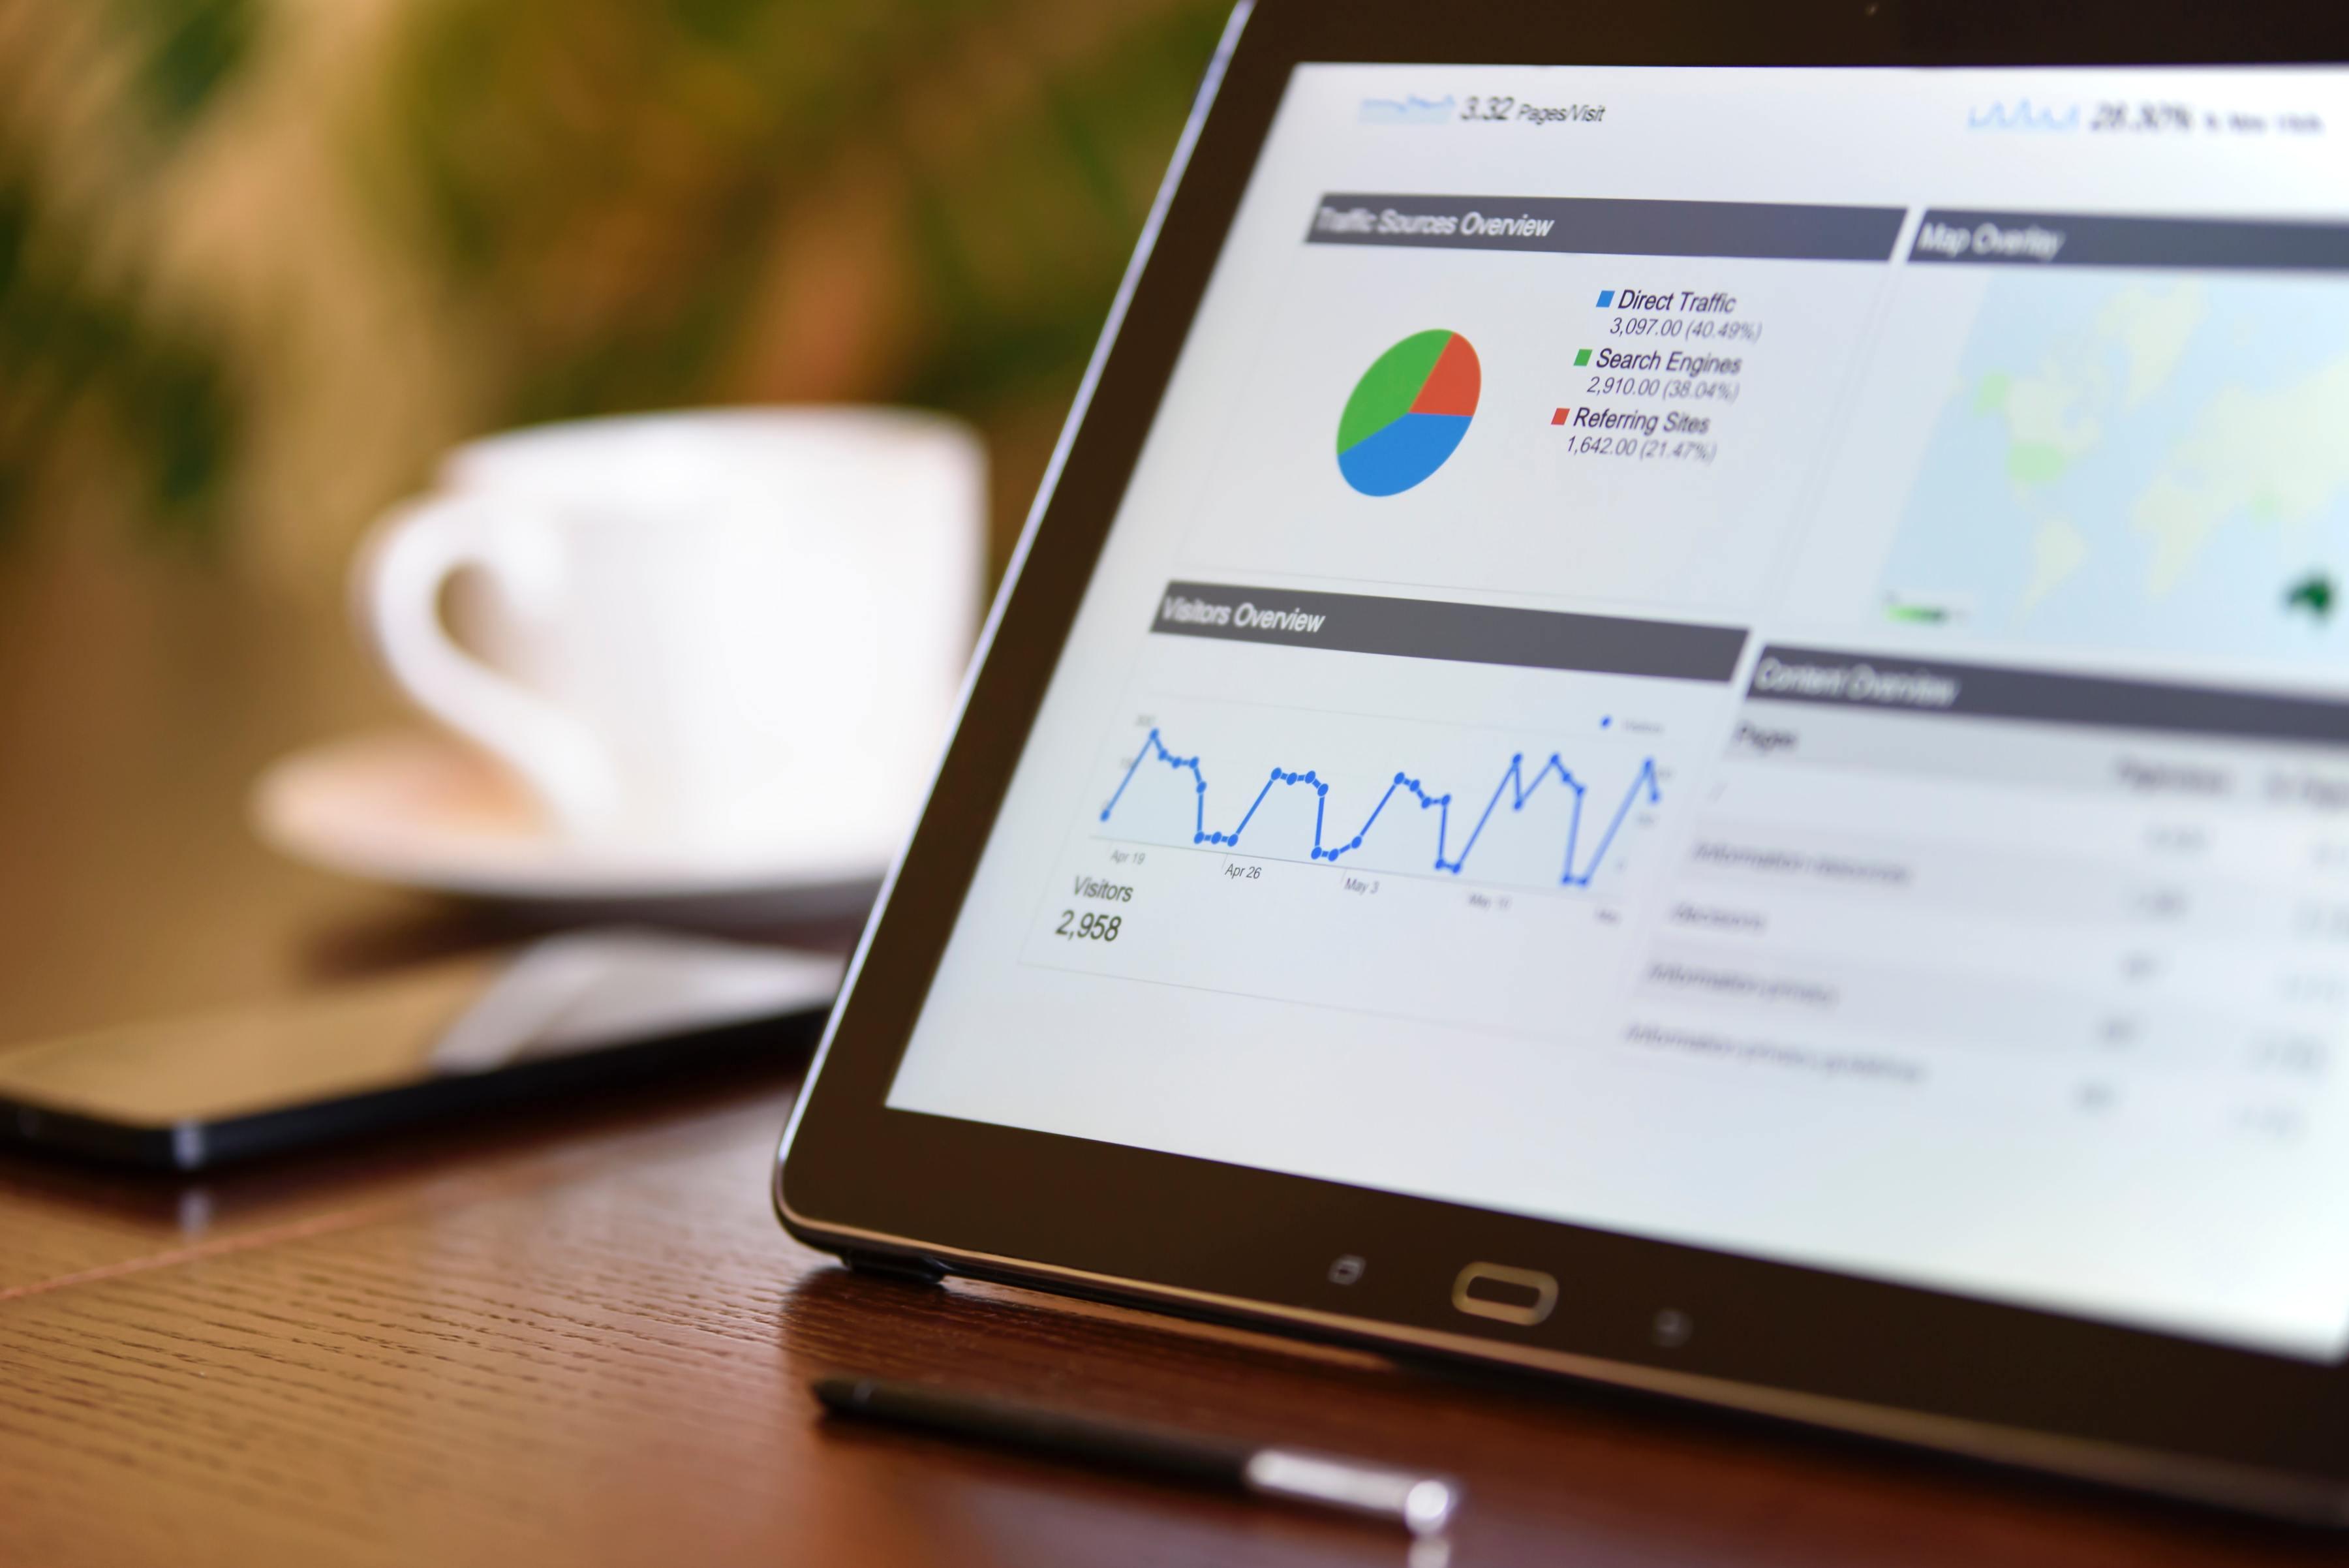 エンタメ業界向けデジタルマーケティング支援サービスのデータアナリスト業務